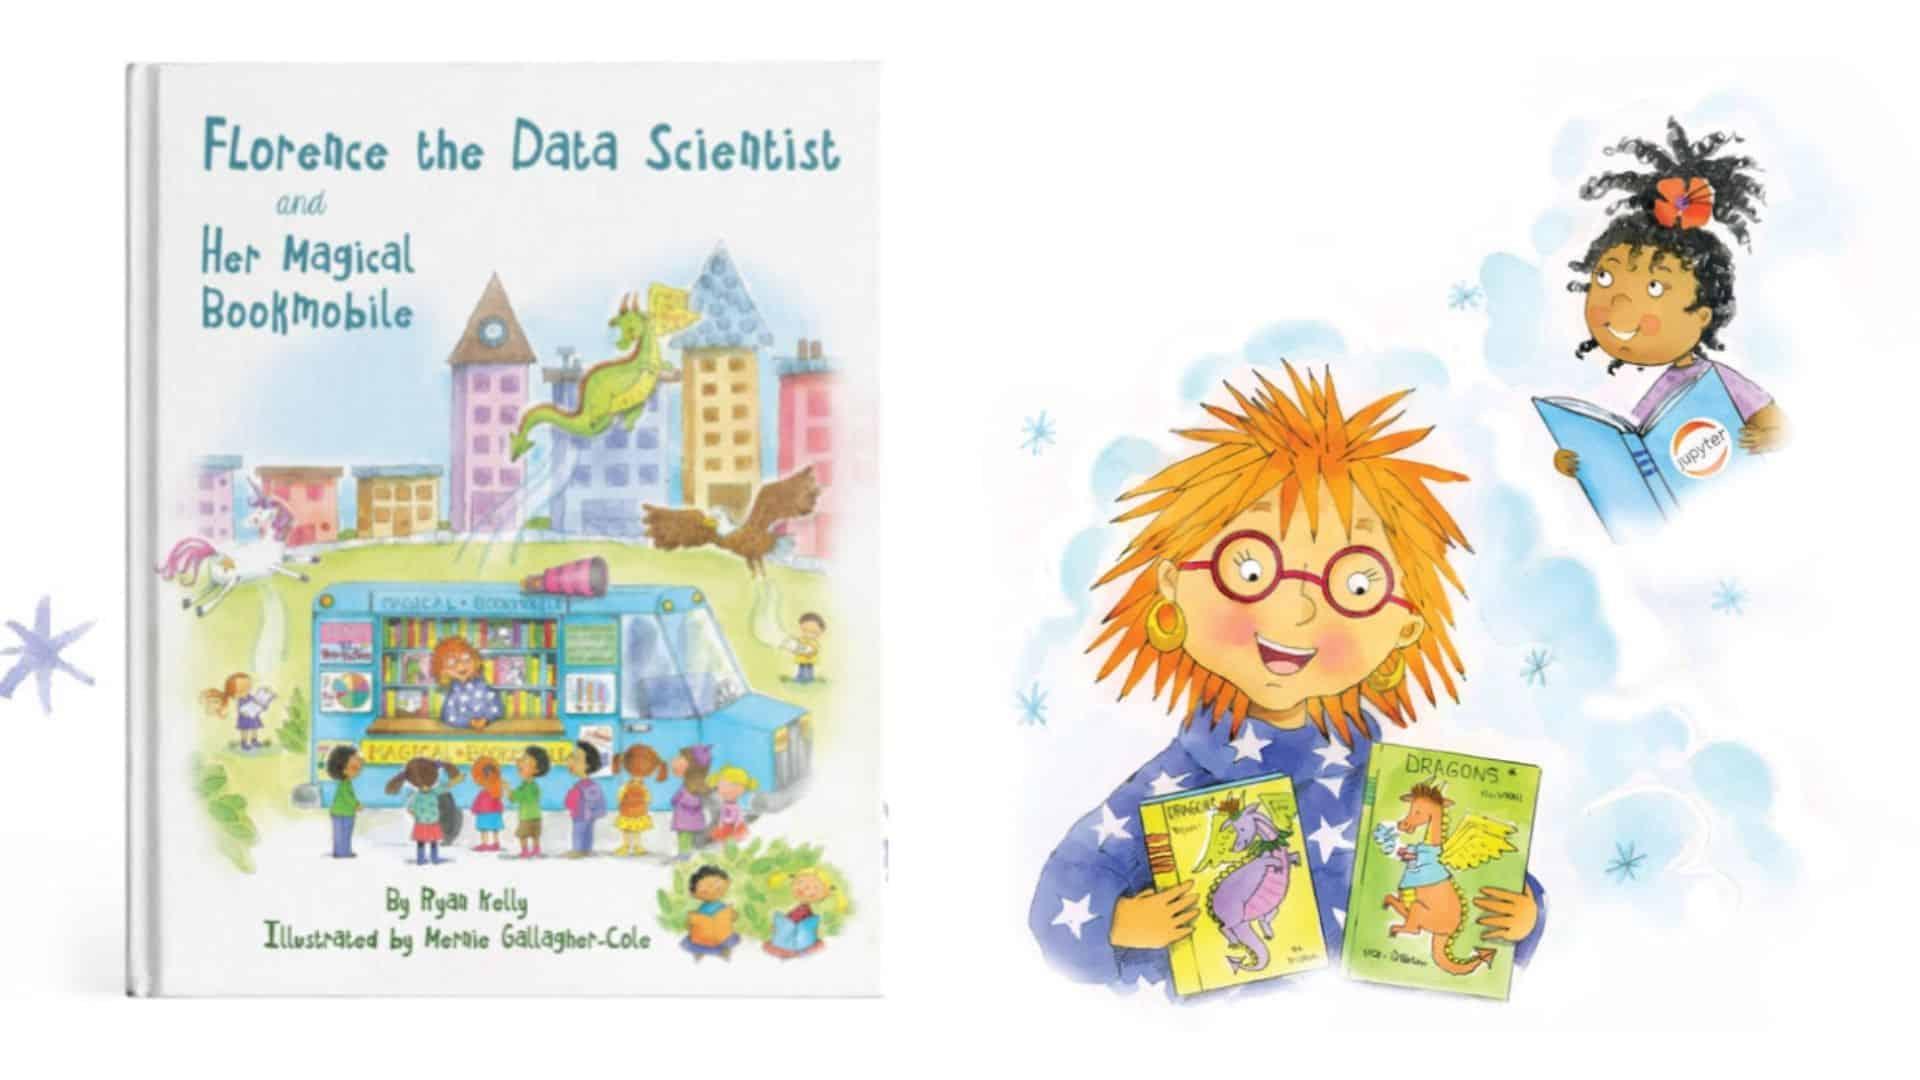 Domino Data Lab publie un eBook gratuit pour présenter la Data Science aux enfants et les initier au métier d'avenir de Data Scienitst.